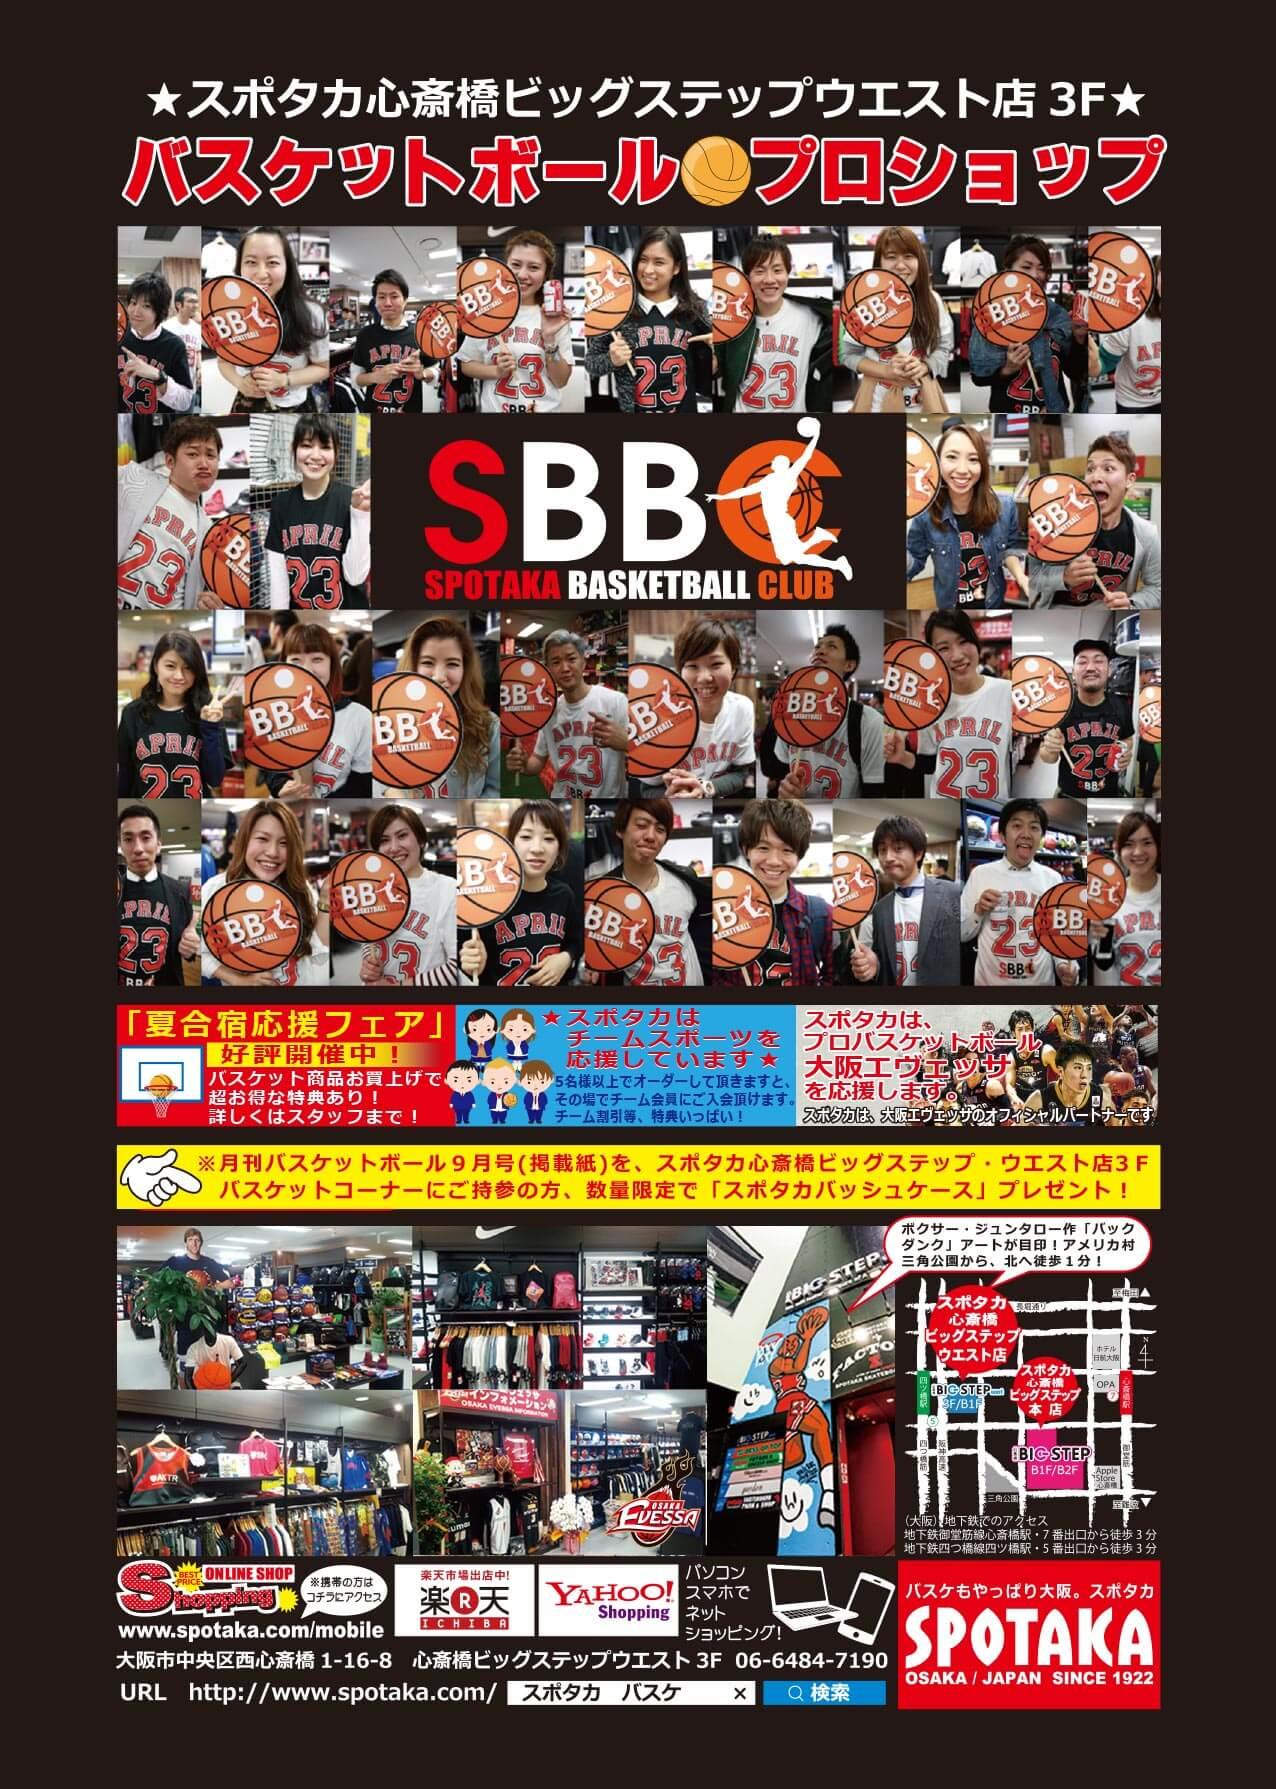 月バス9月号(7月25日発売)にS.B.B.C.の広告を掲載します!